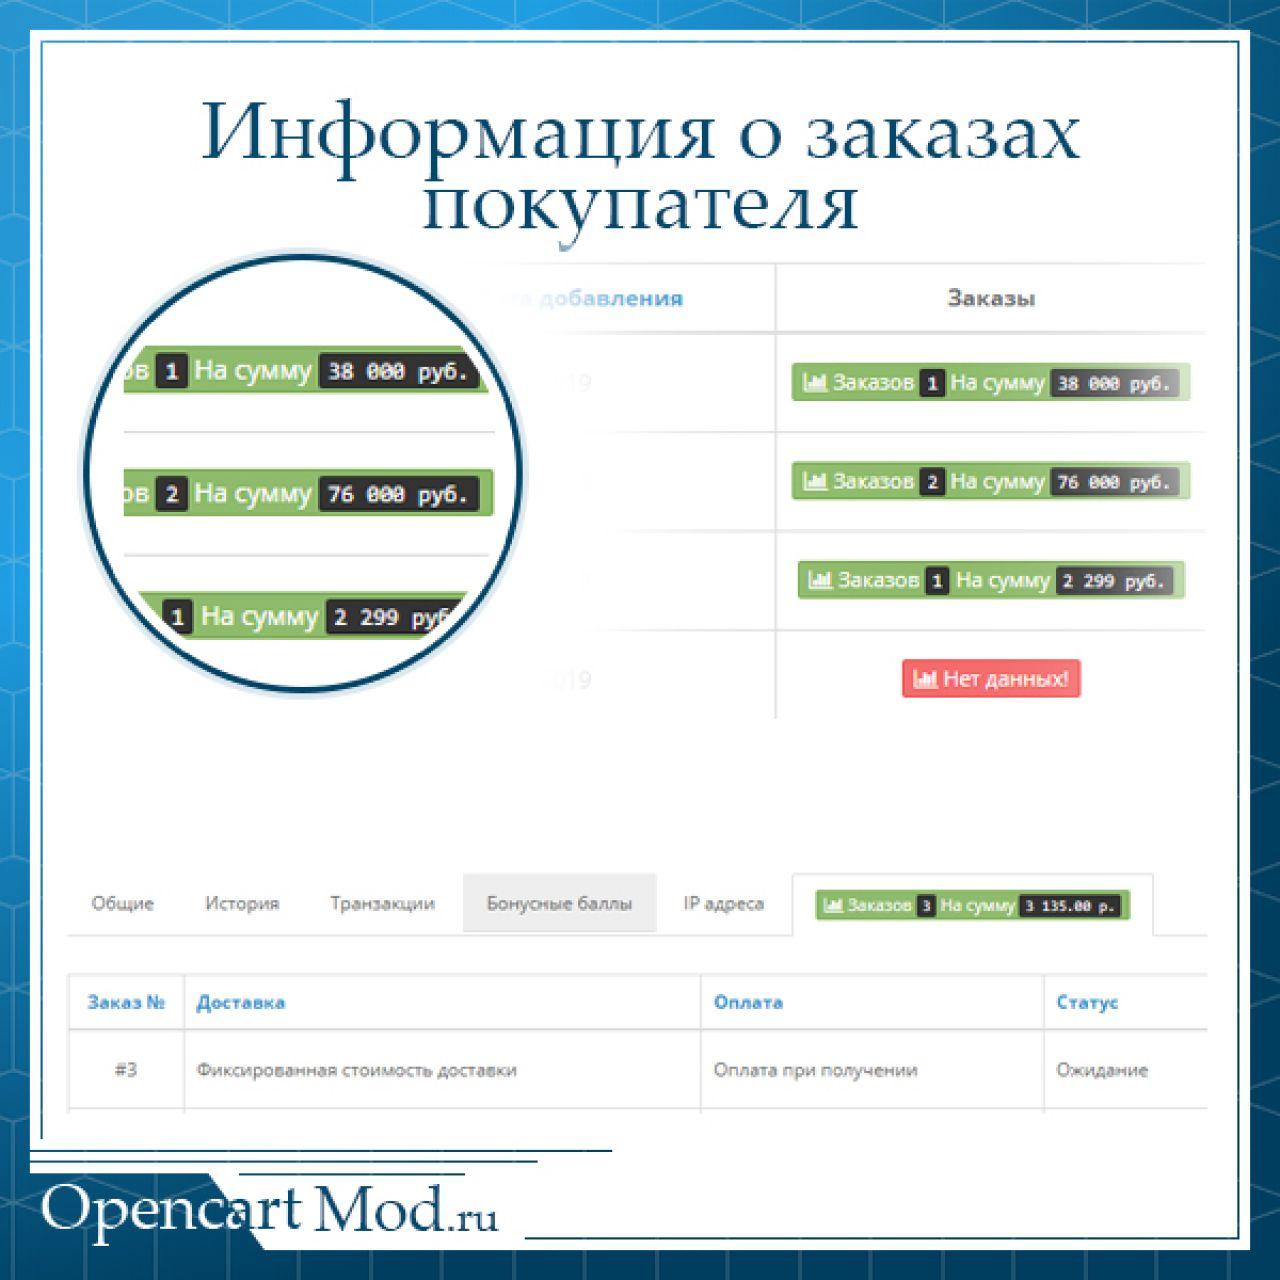 Информация о заказах покупателя из категории Отчёты для CMS OpenCart (ОпенКарт)